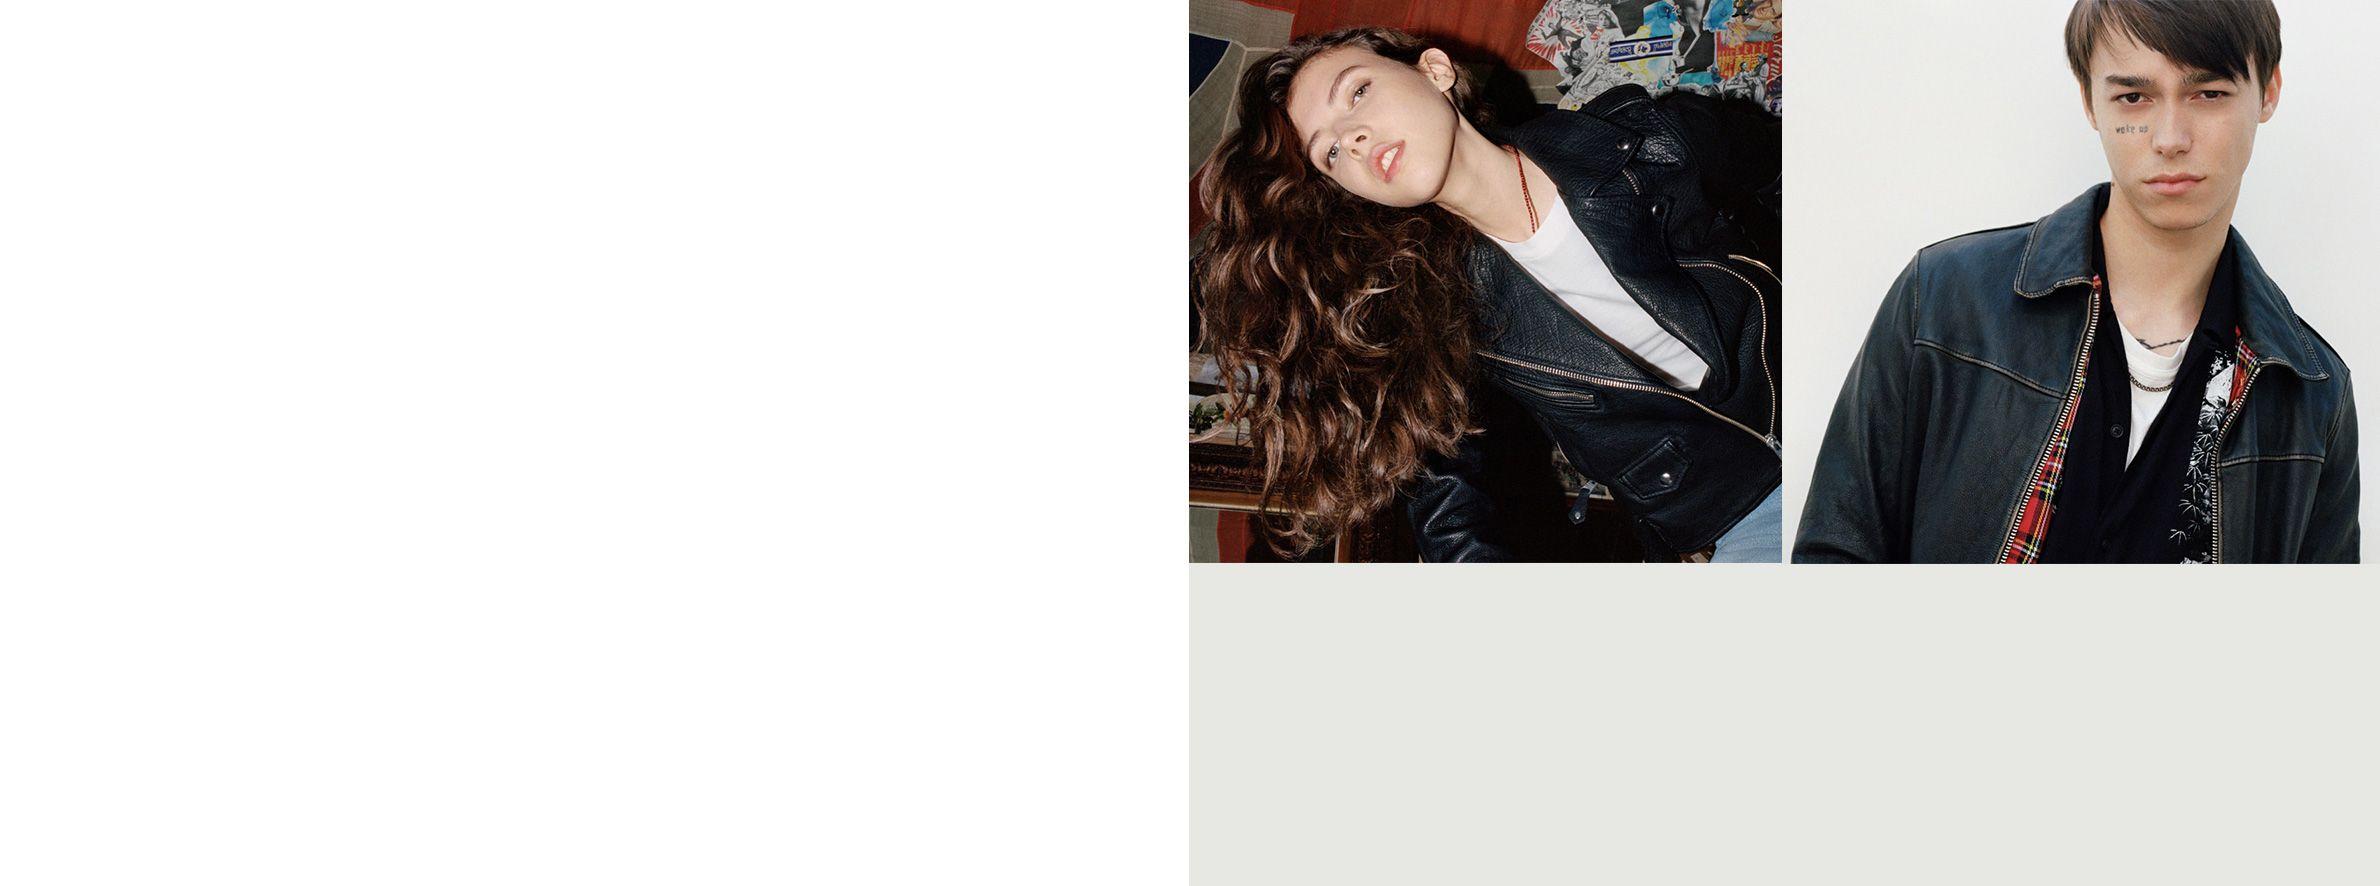 Allsaints John Lewis Partners Hoodie Jumper Cotton Ml Womenswear Menswear Coats Jackets